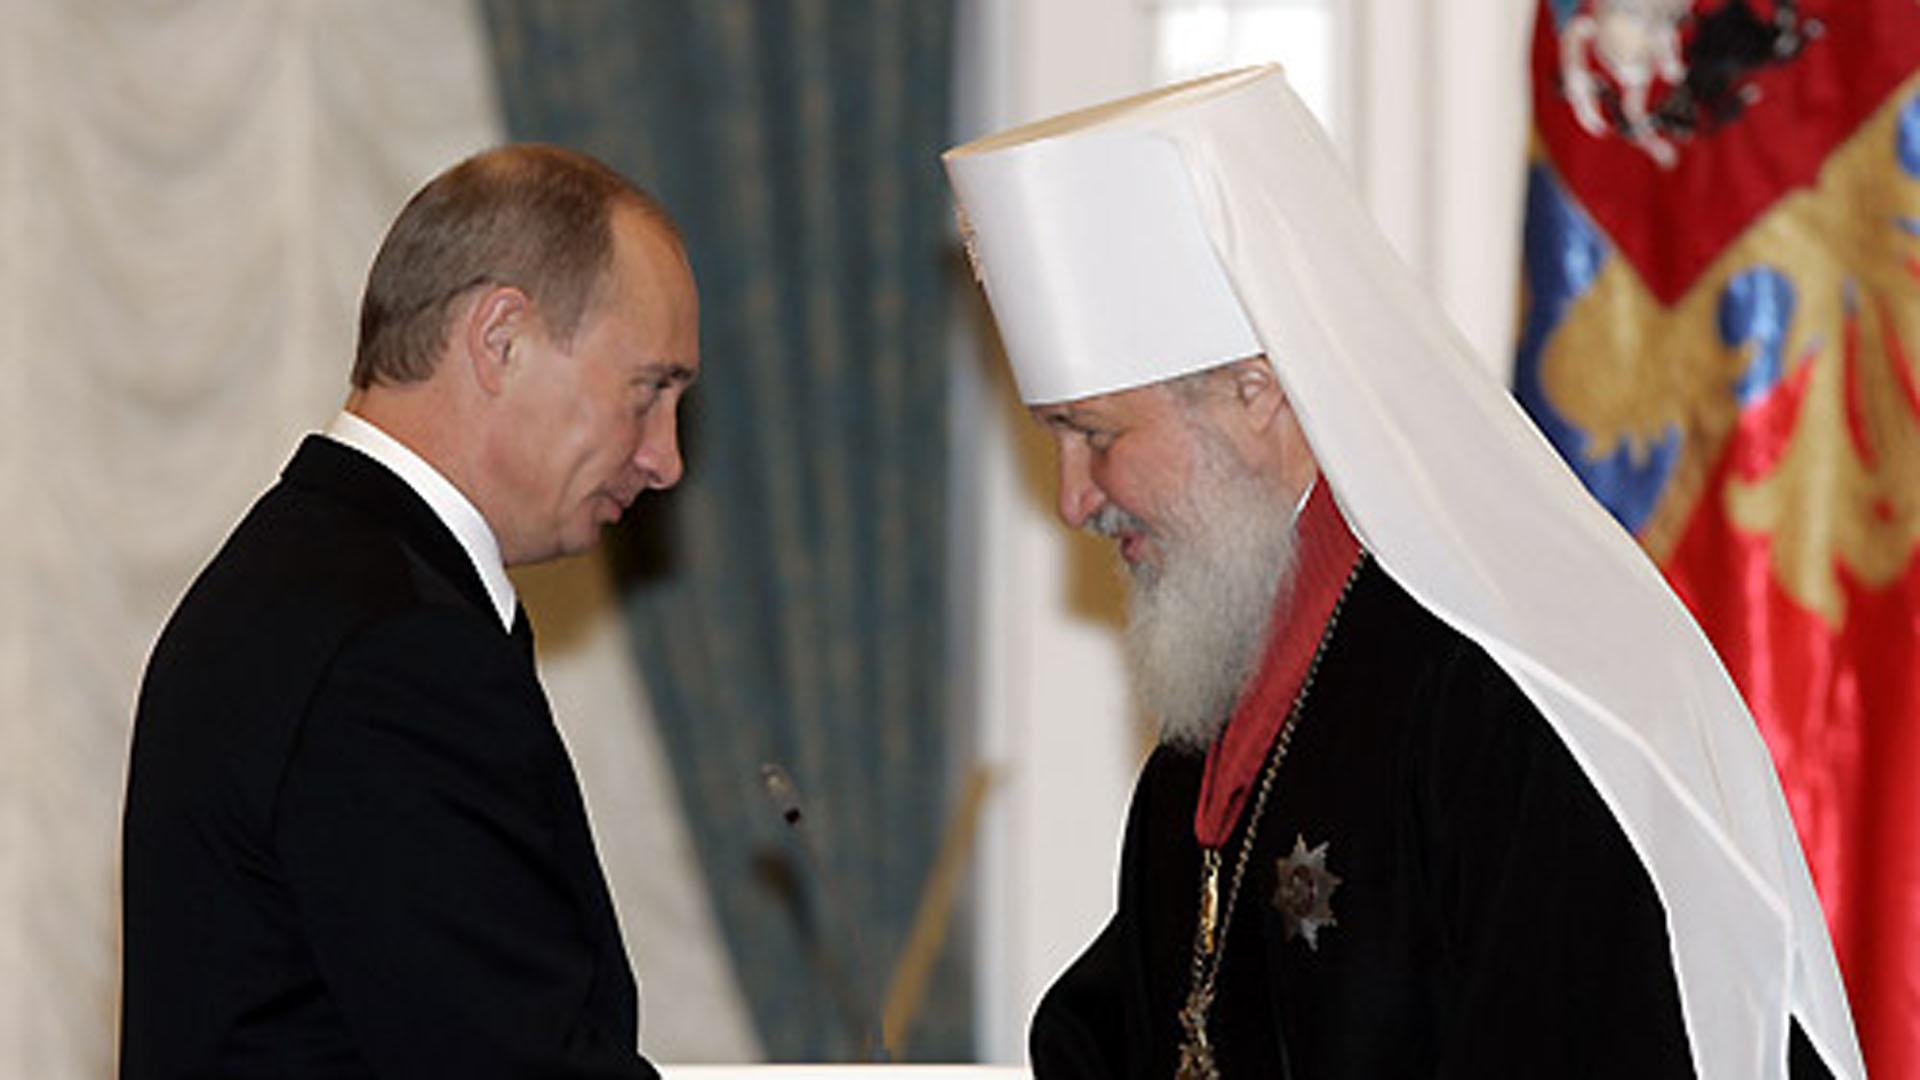 Patriarch Kyrill macht aus seiner Zustimmung zu Putins Politik keinen Hehl